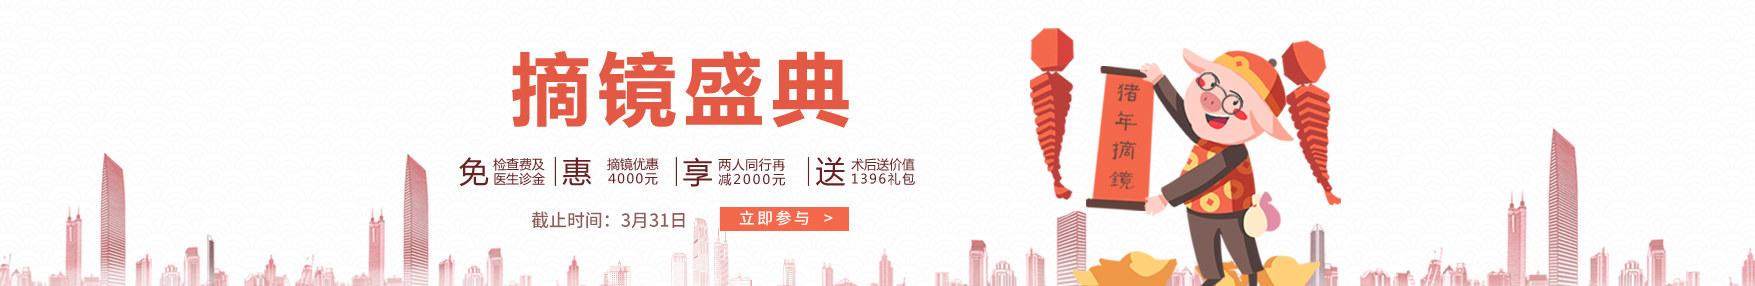 北京近视眼矫正医院